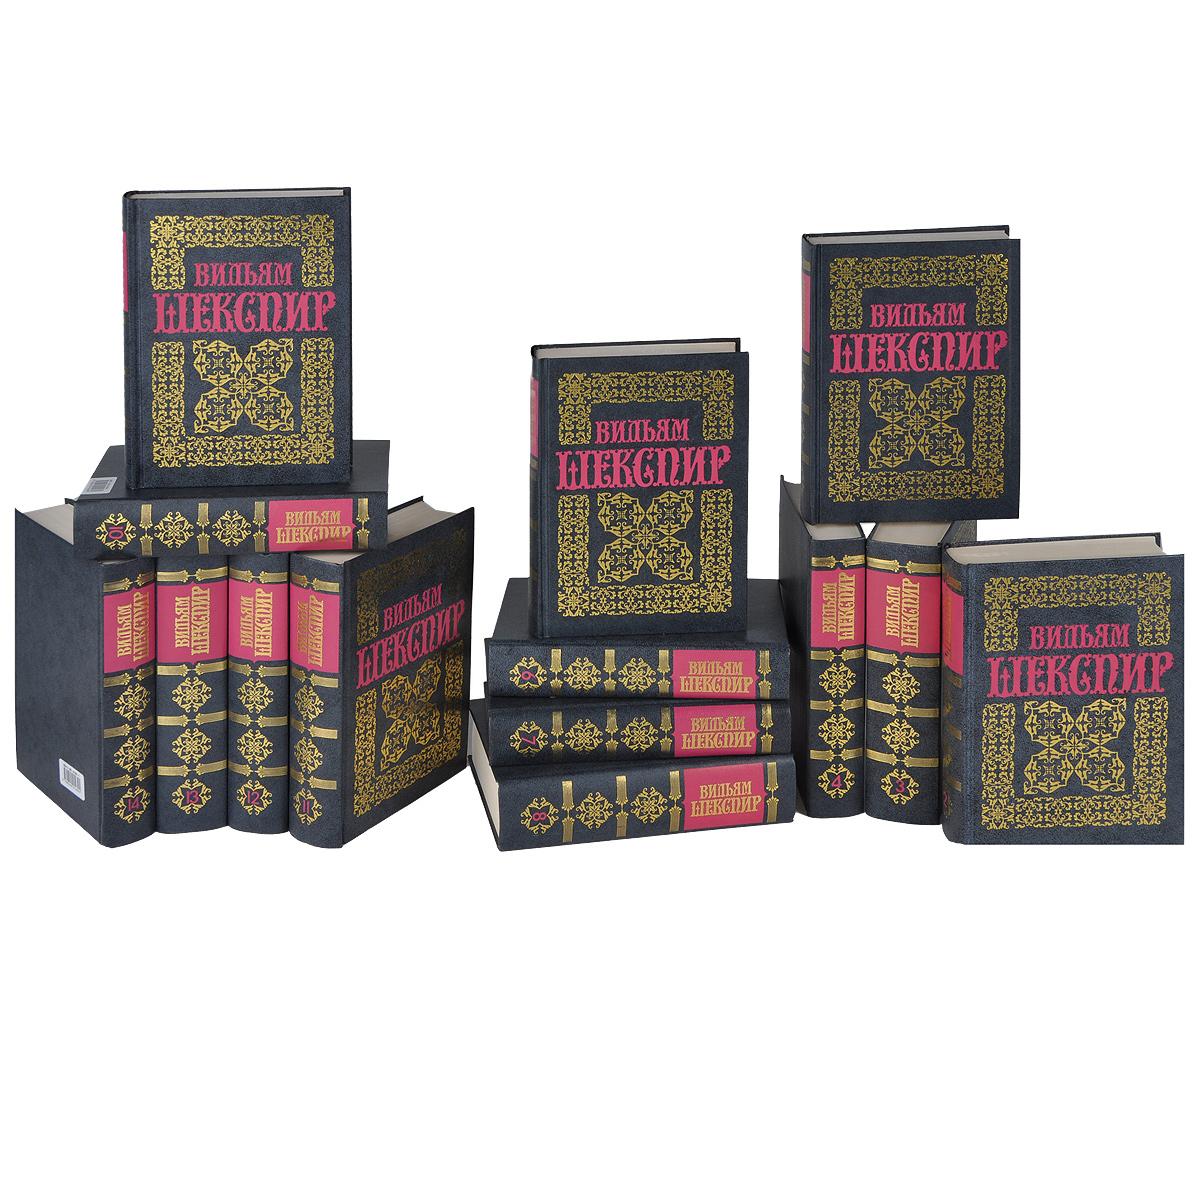 Вильям Шекспир. Полное собрание сочинений в 14 томах (комплект из 14 книг)